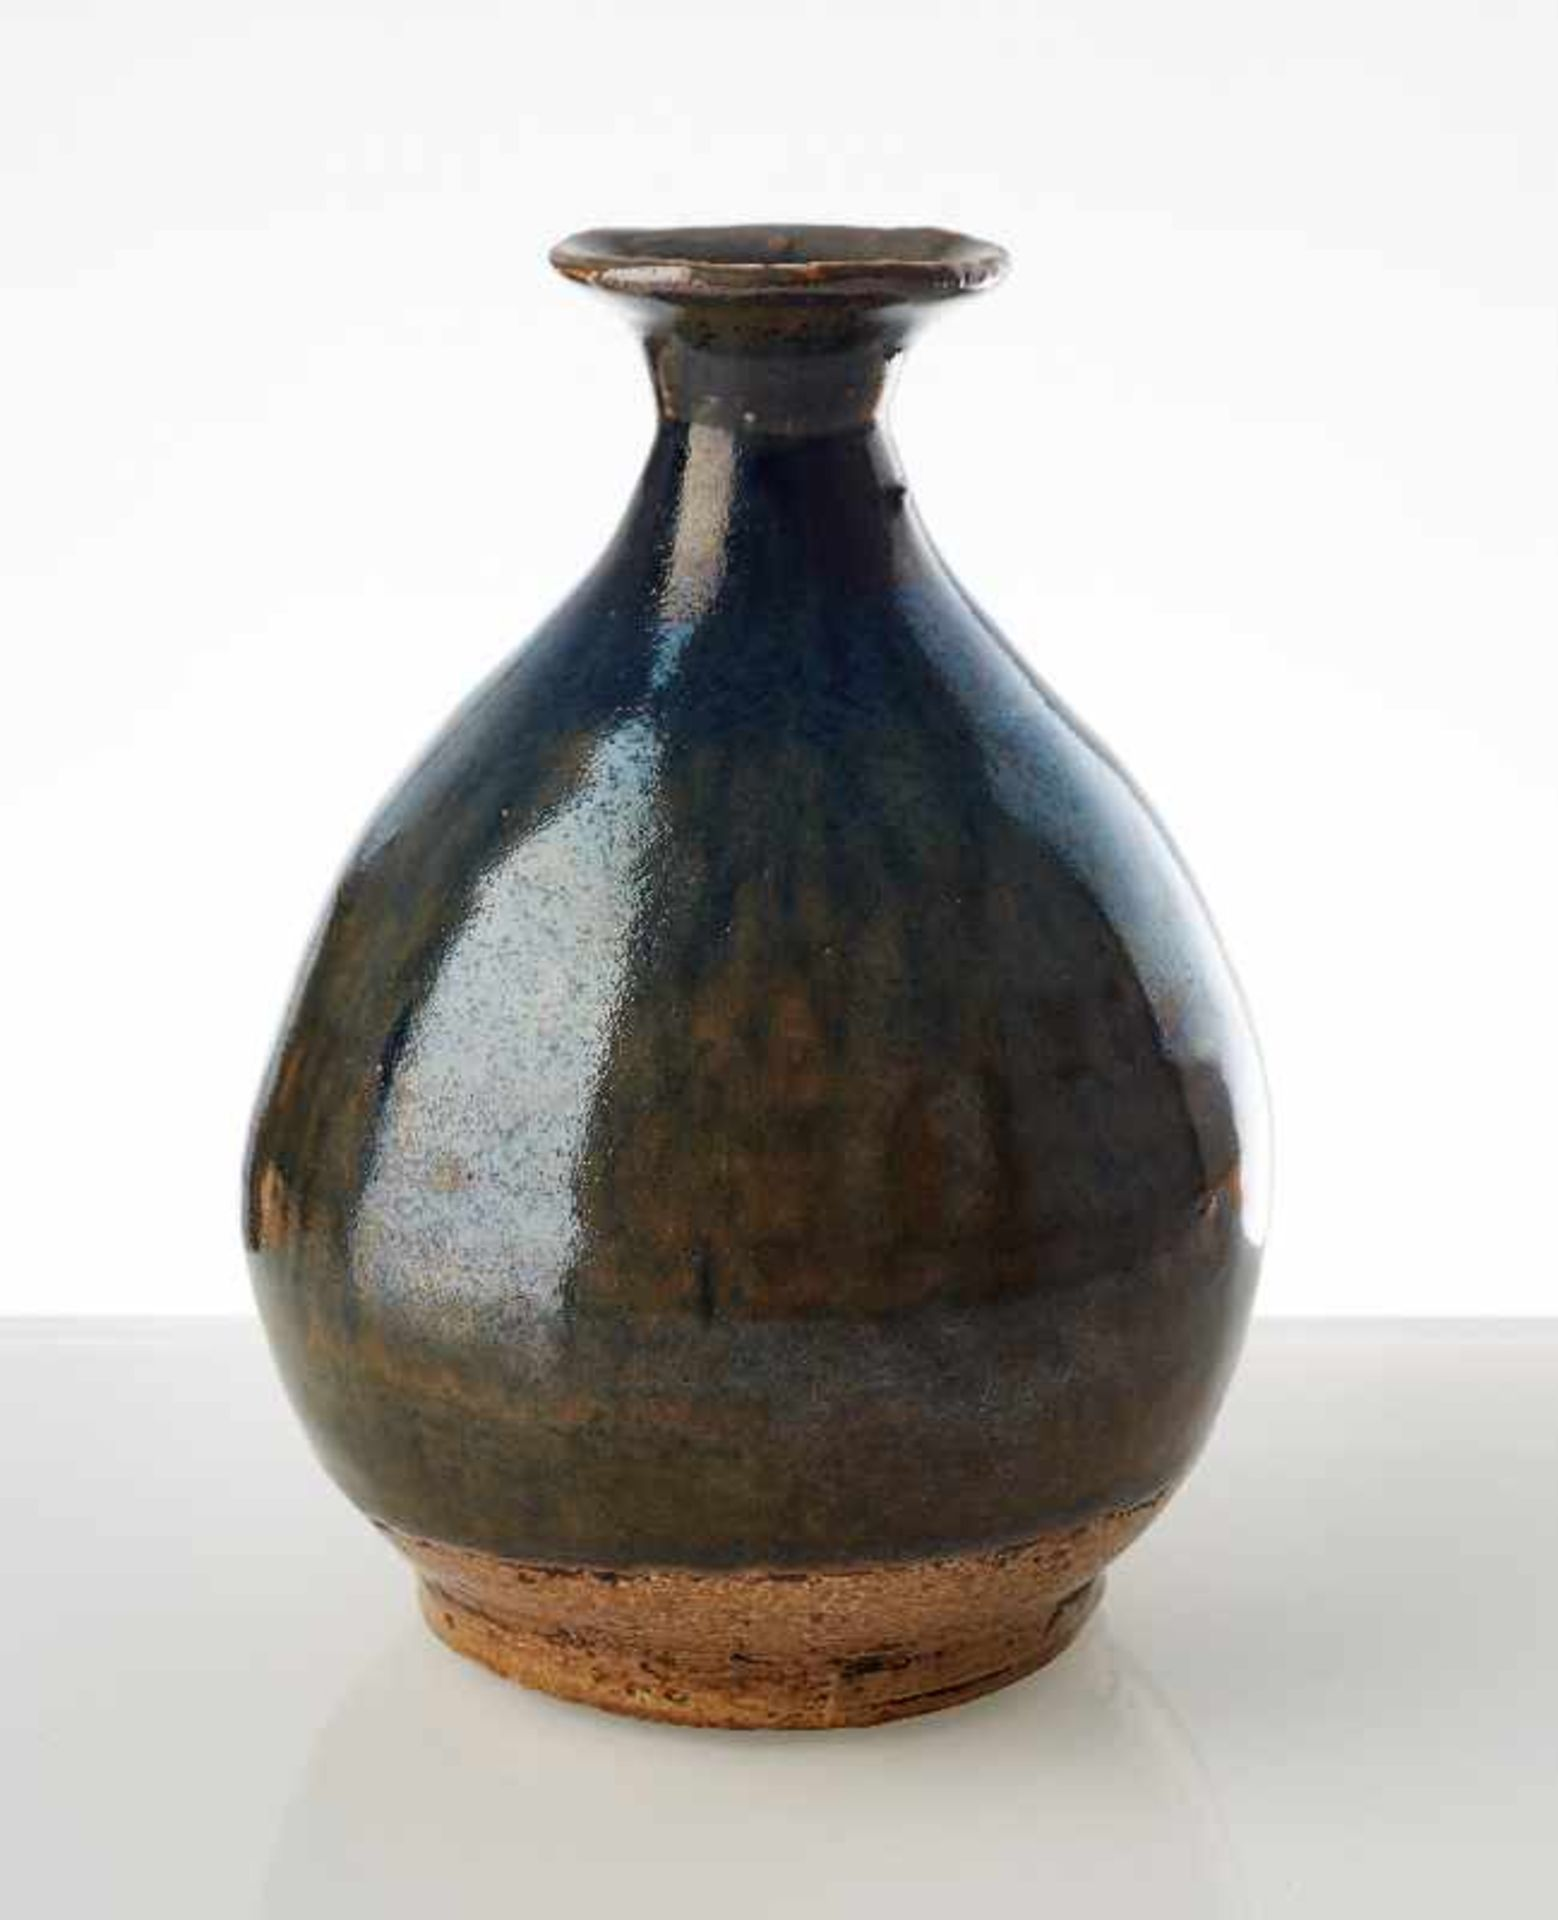 FLASCHENFÖRMIGE VASE Glasierte Keramik. China, möglicherweise Song, 13. Jh. bis danach - Image 2 of 6